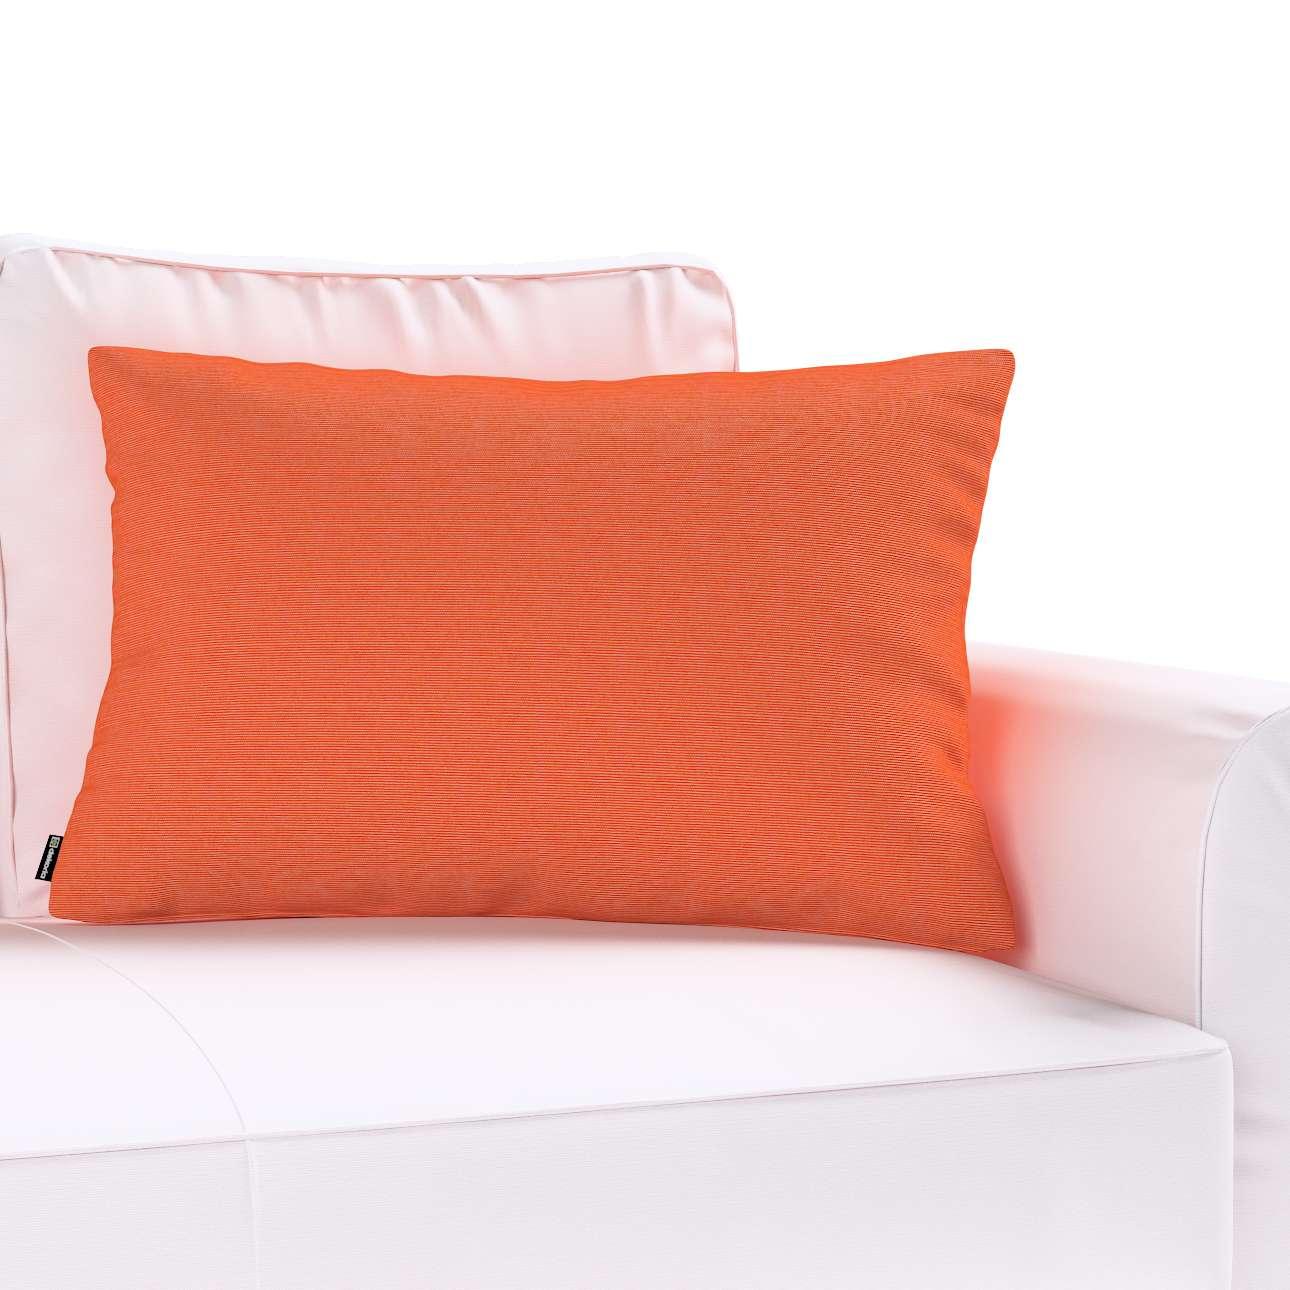 Kinga dekoratyvinės pagalvėlės užvalkalas 60x40cm 60x40cm kolekcijoje Jupiter, audinys: 127-35